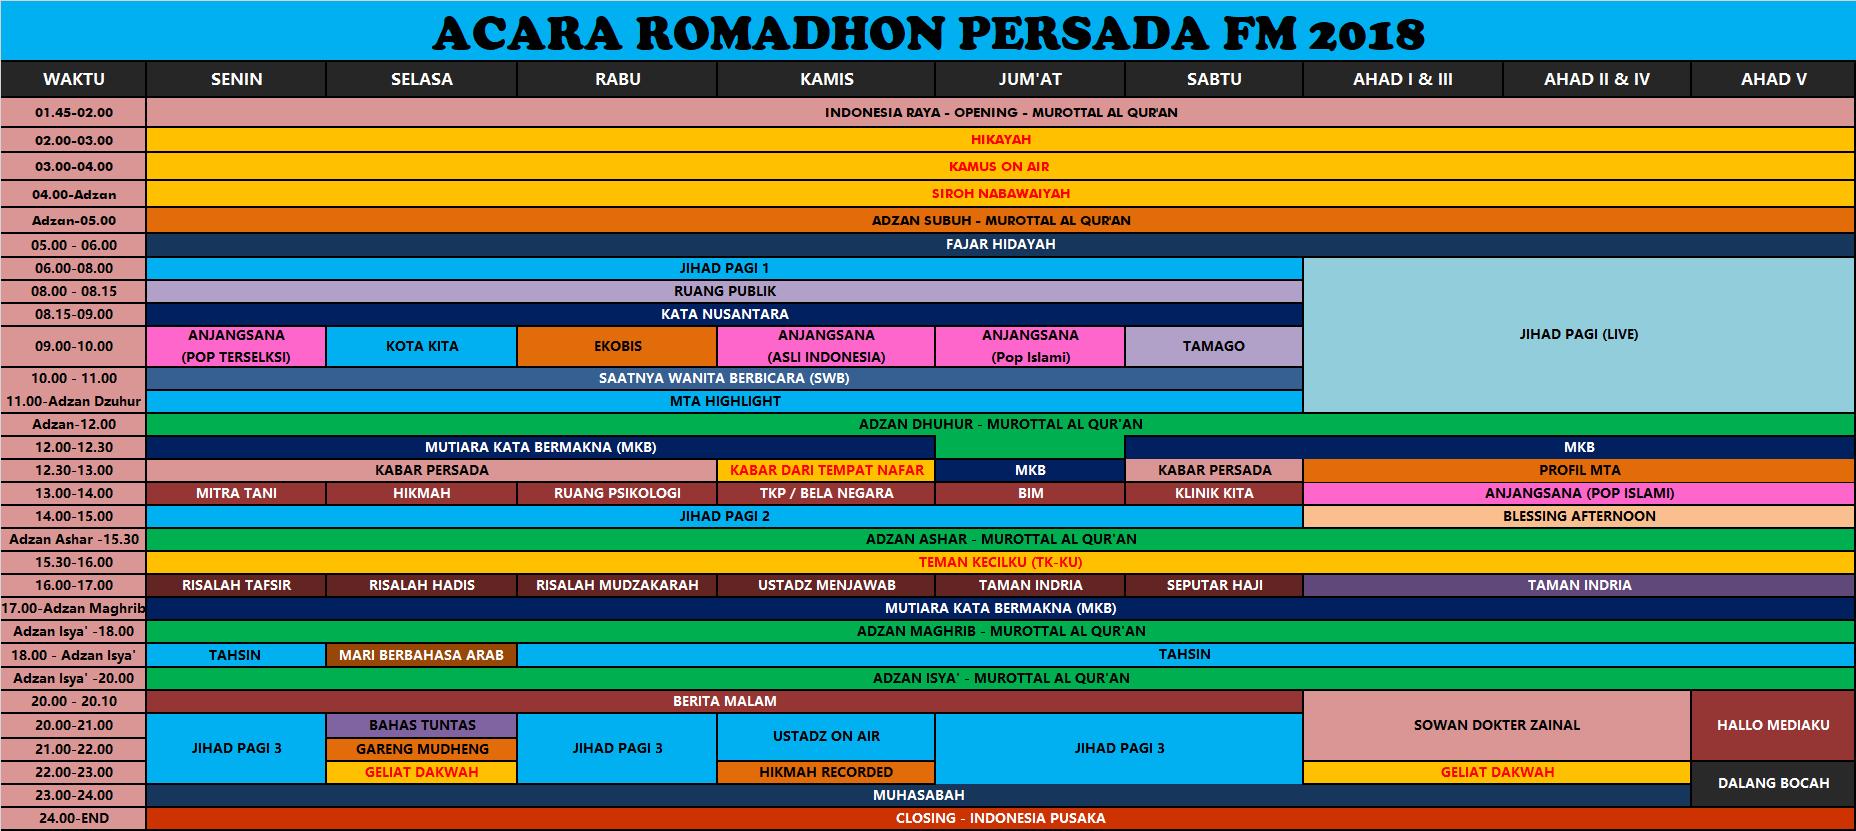 jadwal radio romadhon